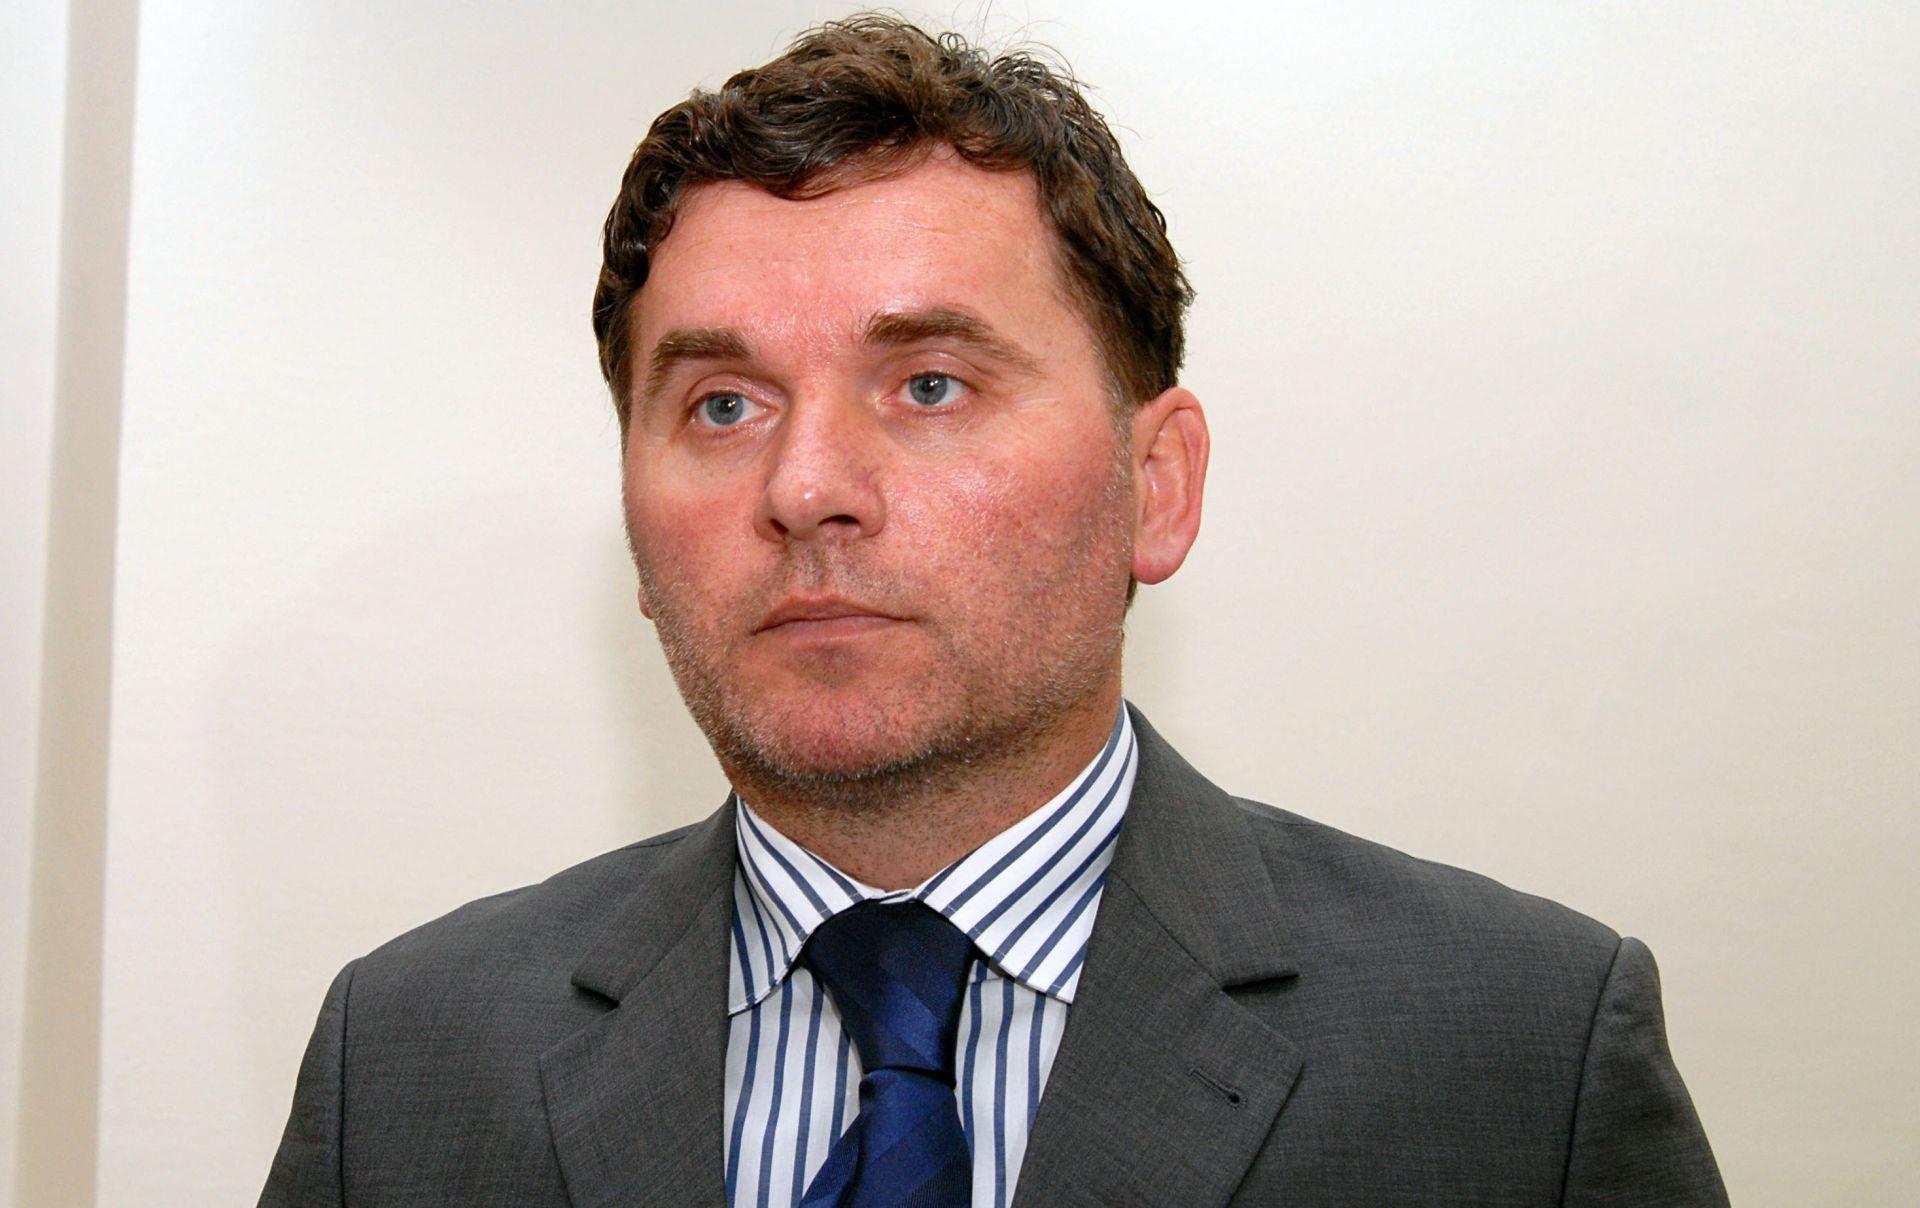 HSLS predstavio kandidata za gradonačelnika Vinkovaca